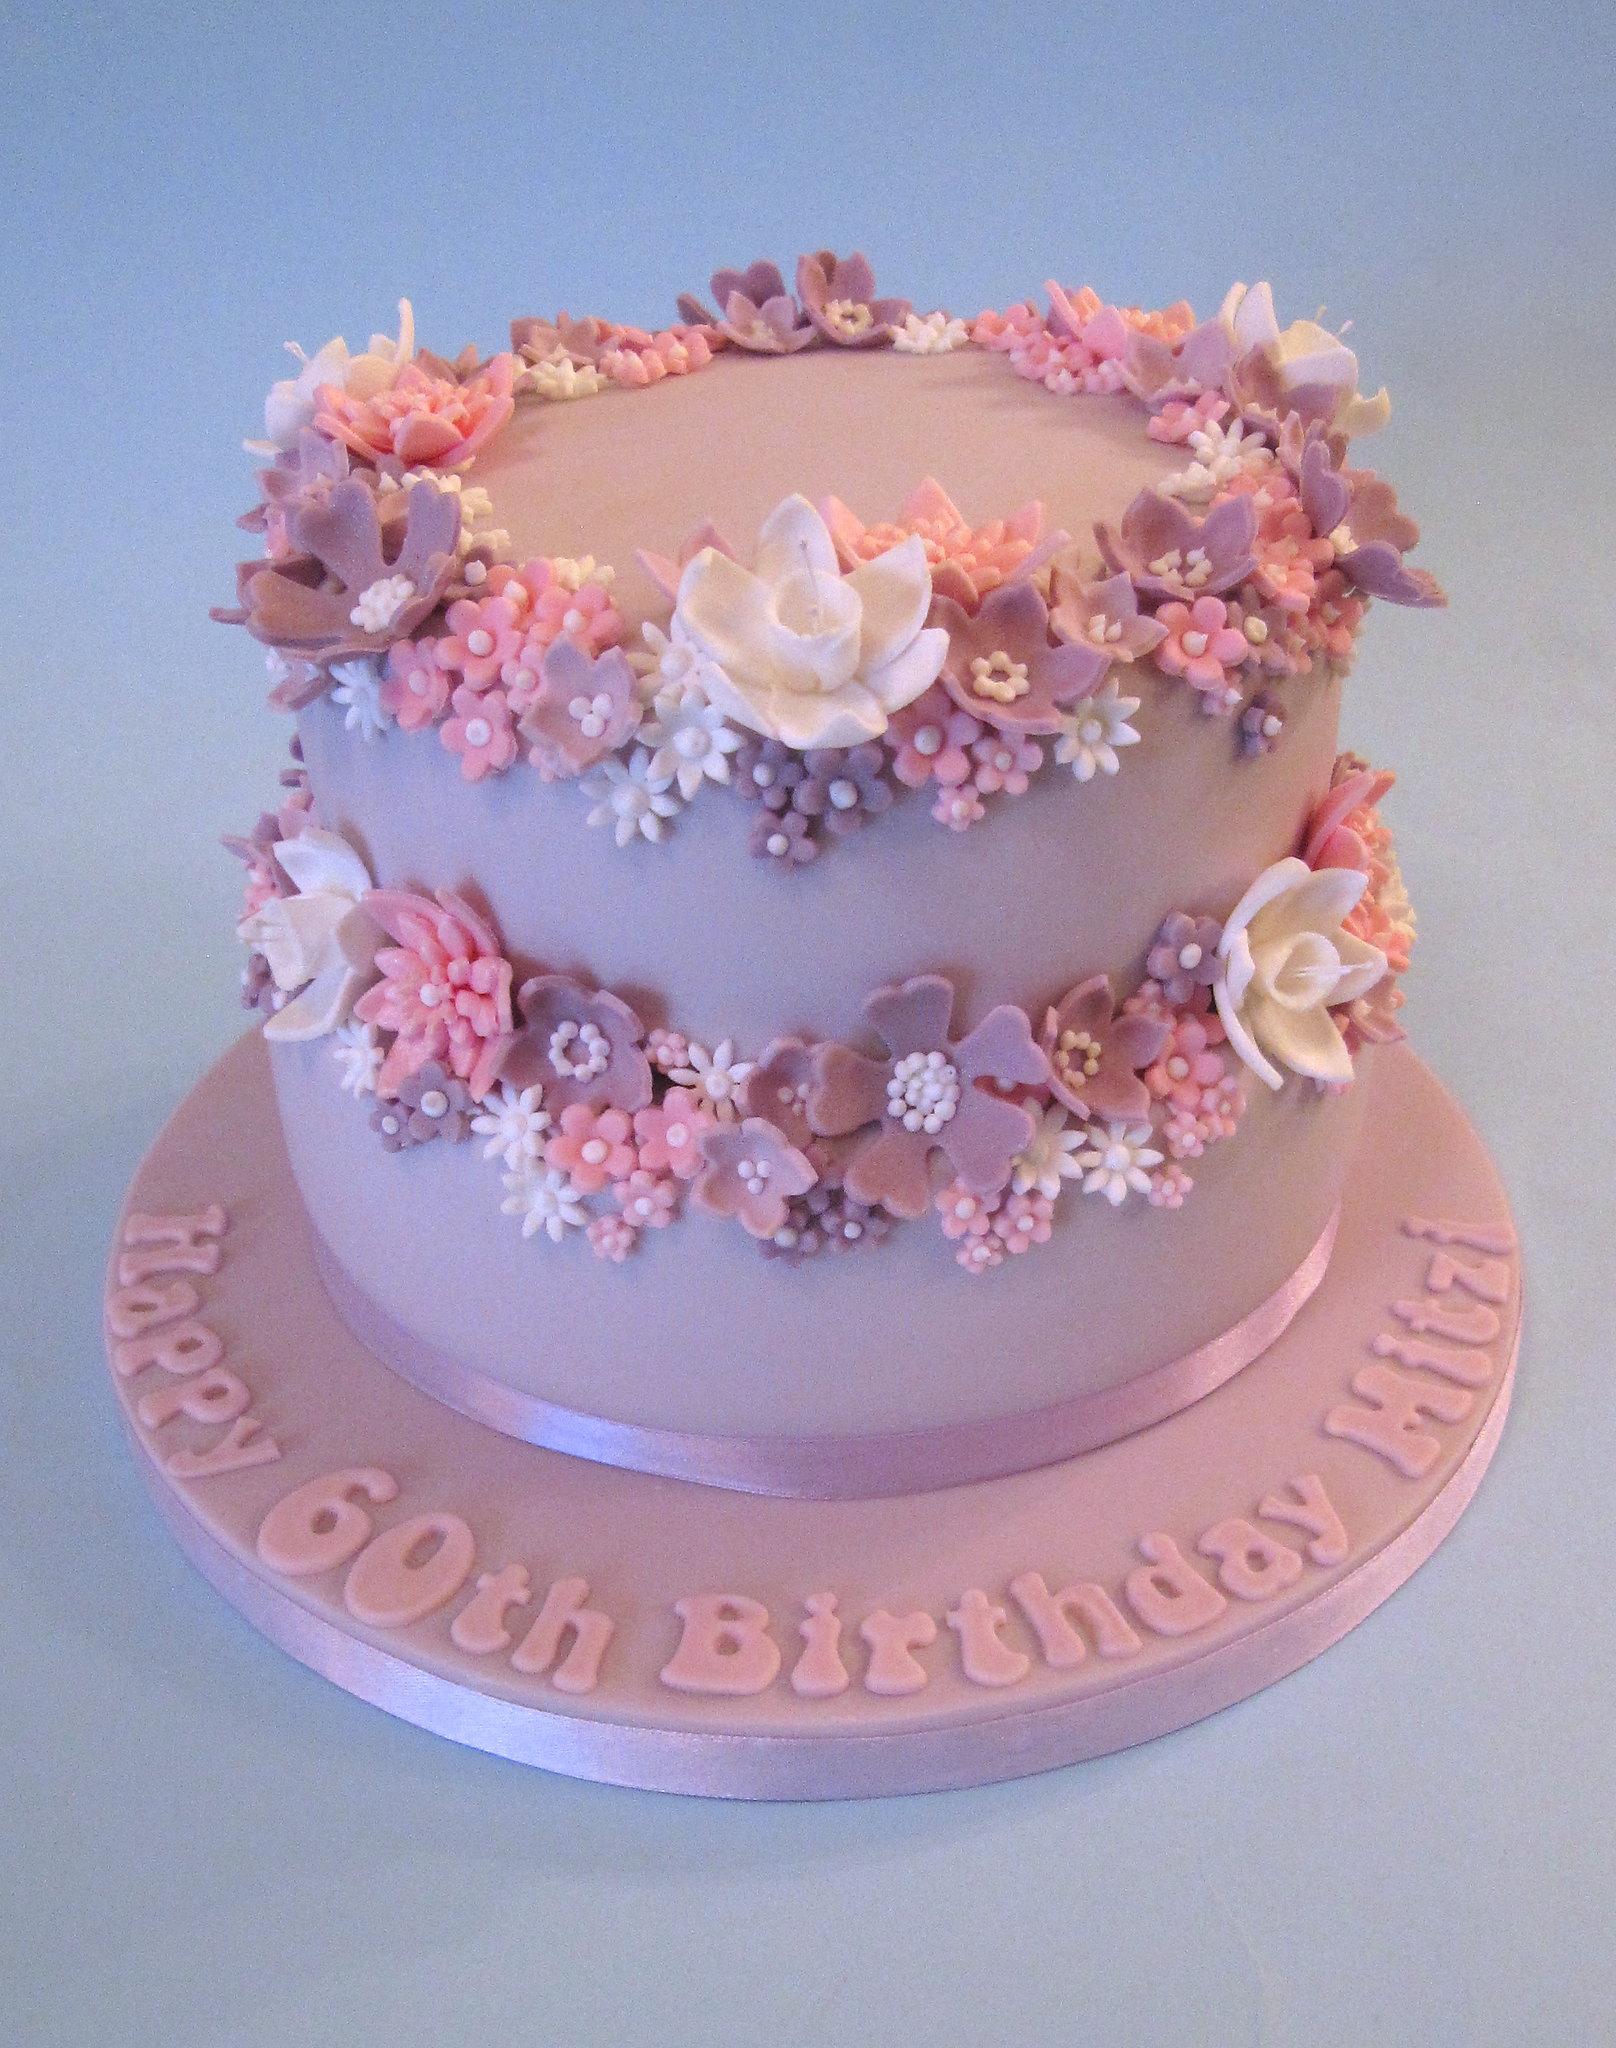 Pretty 60th Birthday Cake Flickr - Photo Sharing!